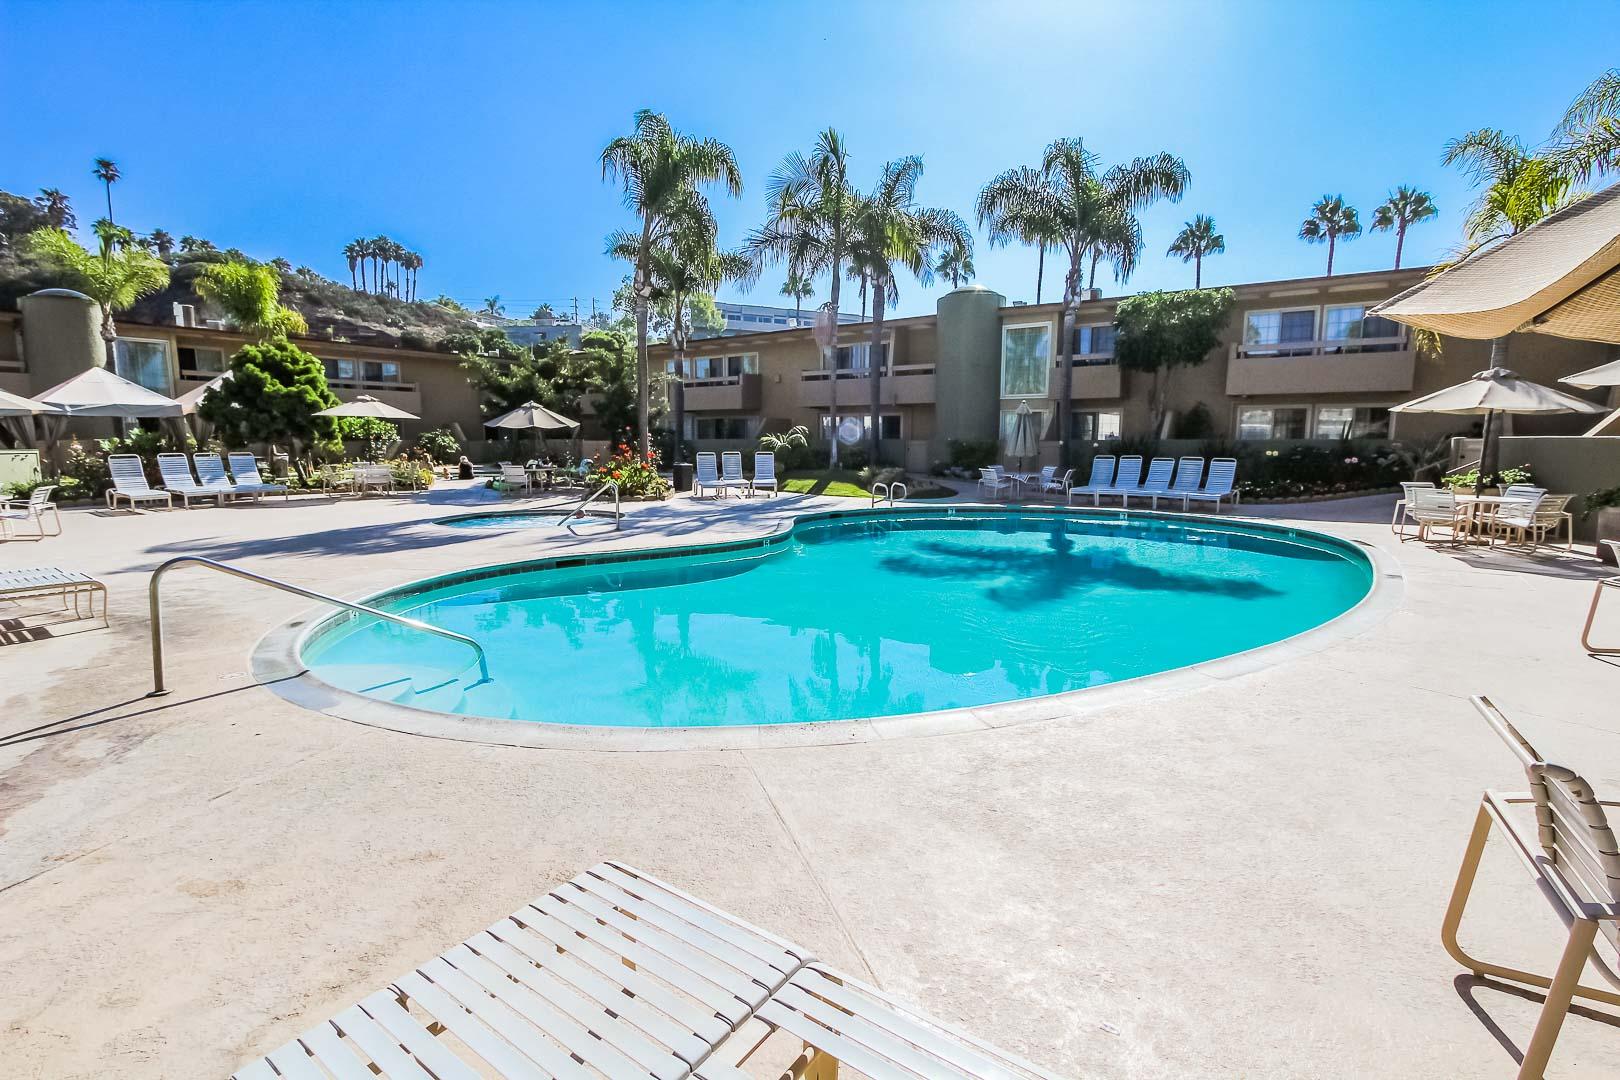 A crisp outdoor swimming pool at VRI's Winner Circle Resort in California.